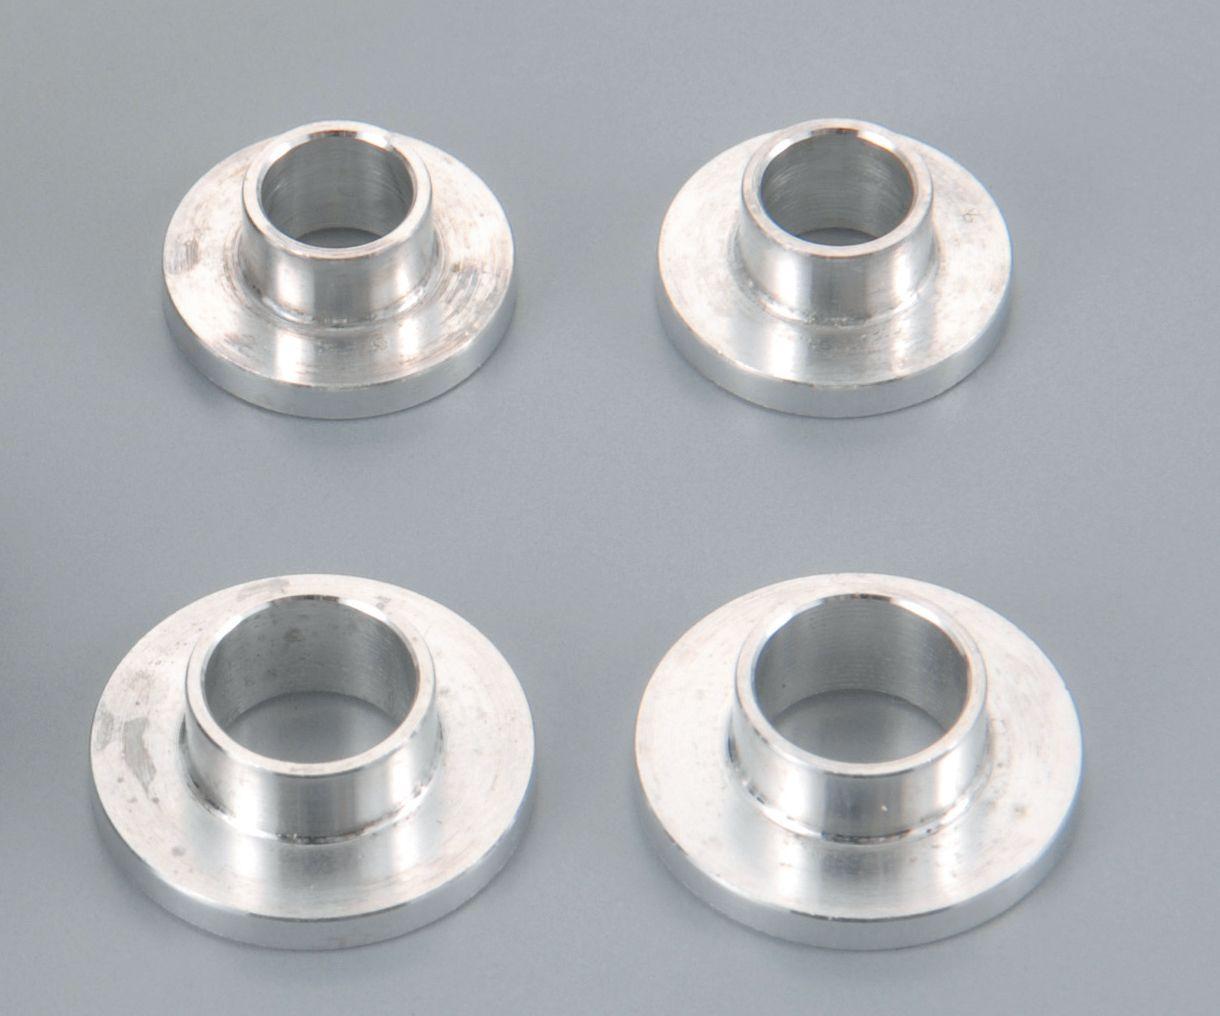 內徑變換鋁合金襯套組